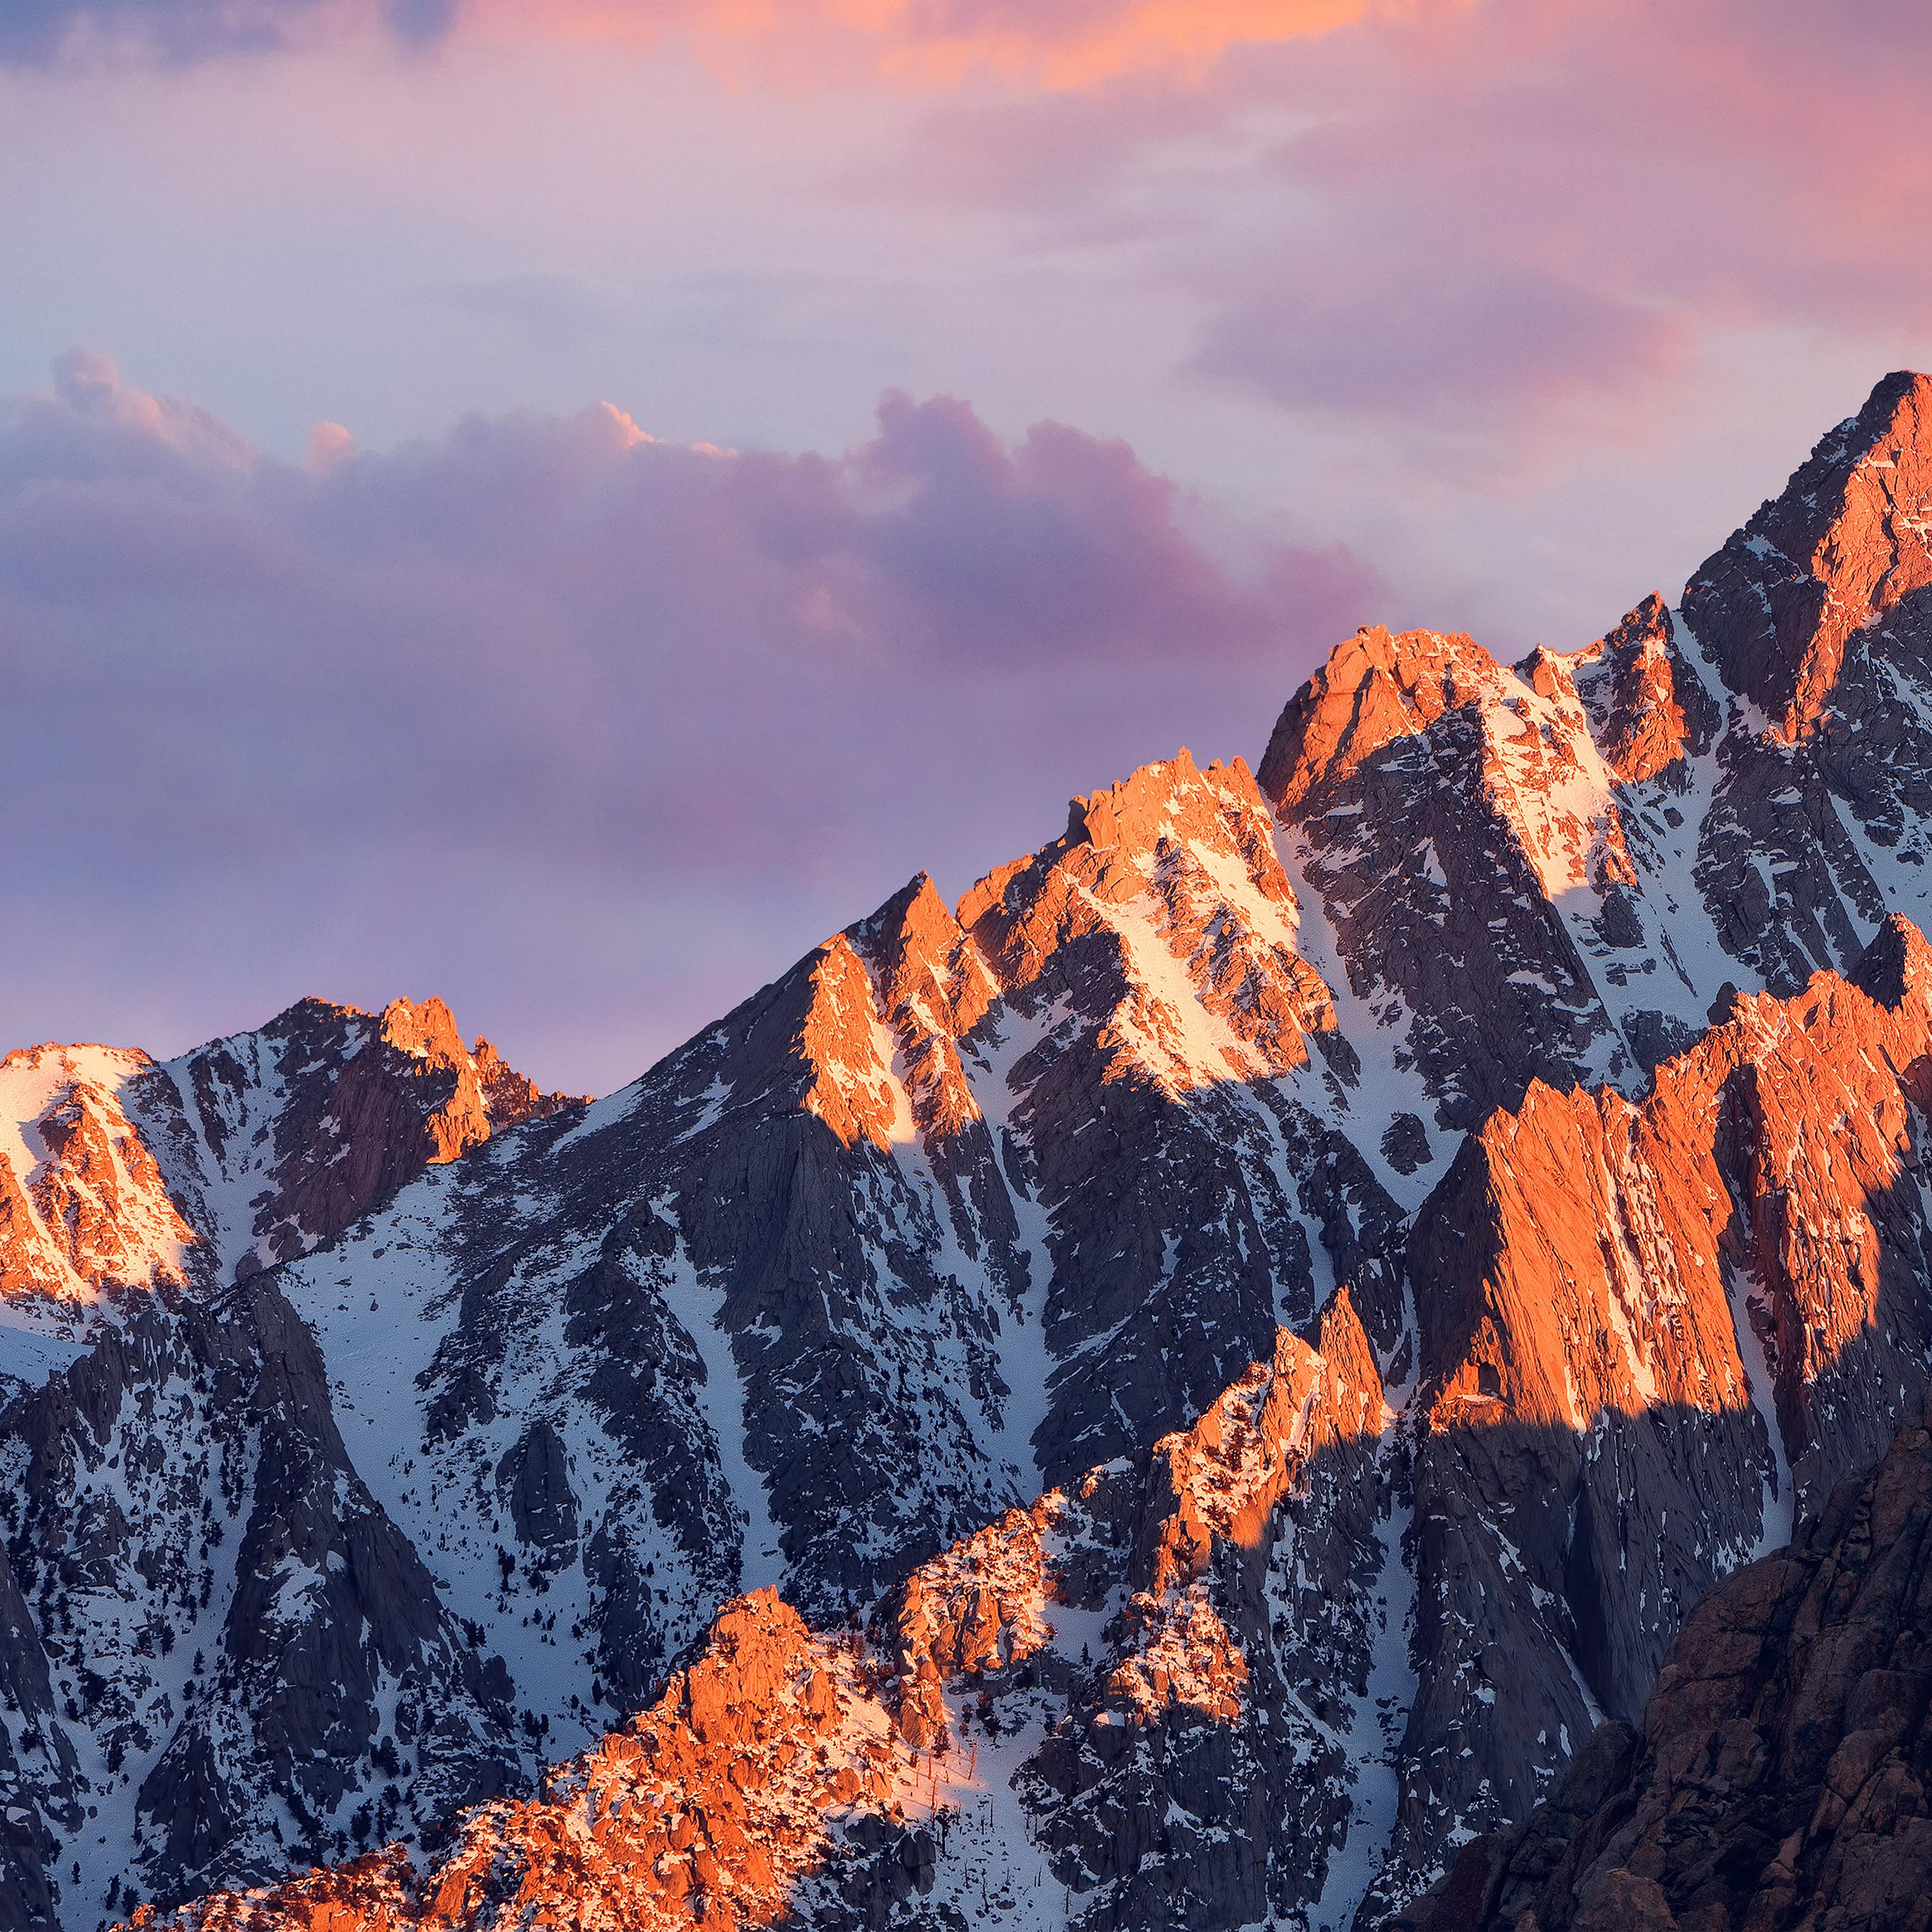 Ar66 Macos Sierra Apple Art Background Wwdc Mountain Wallpaper